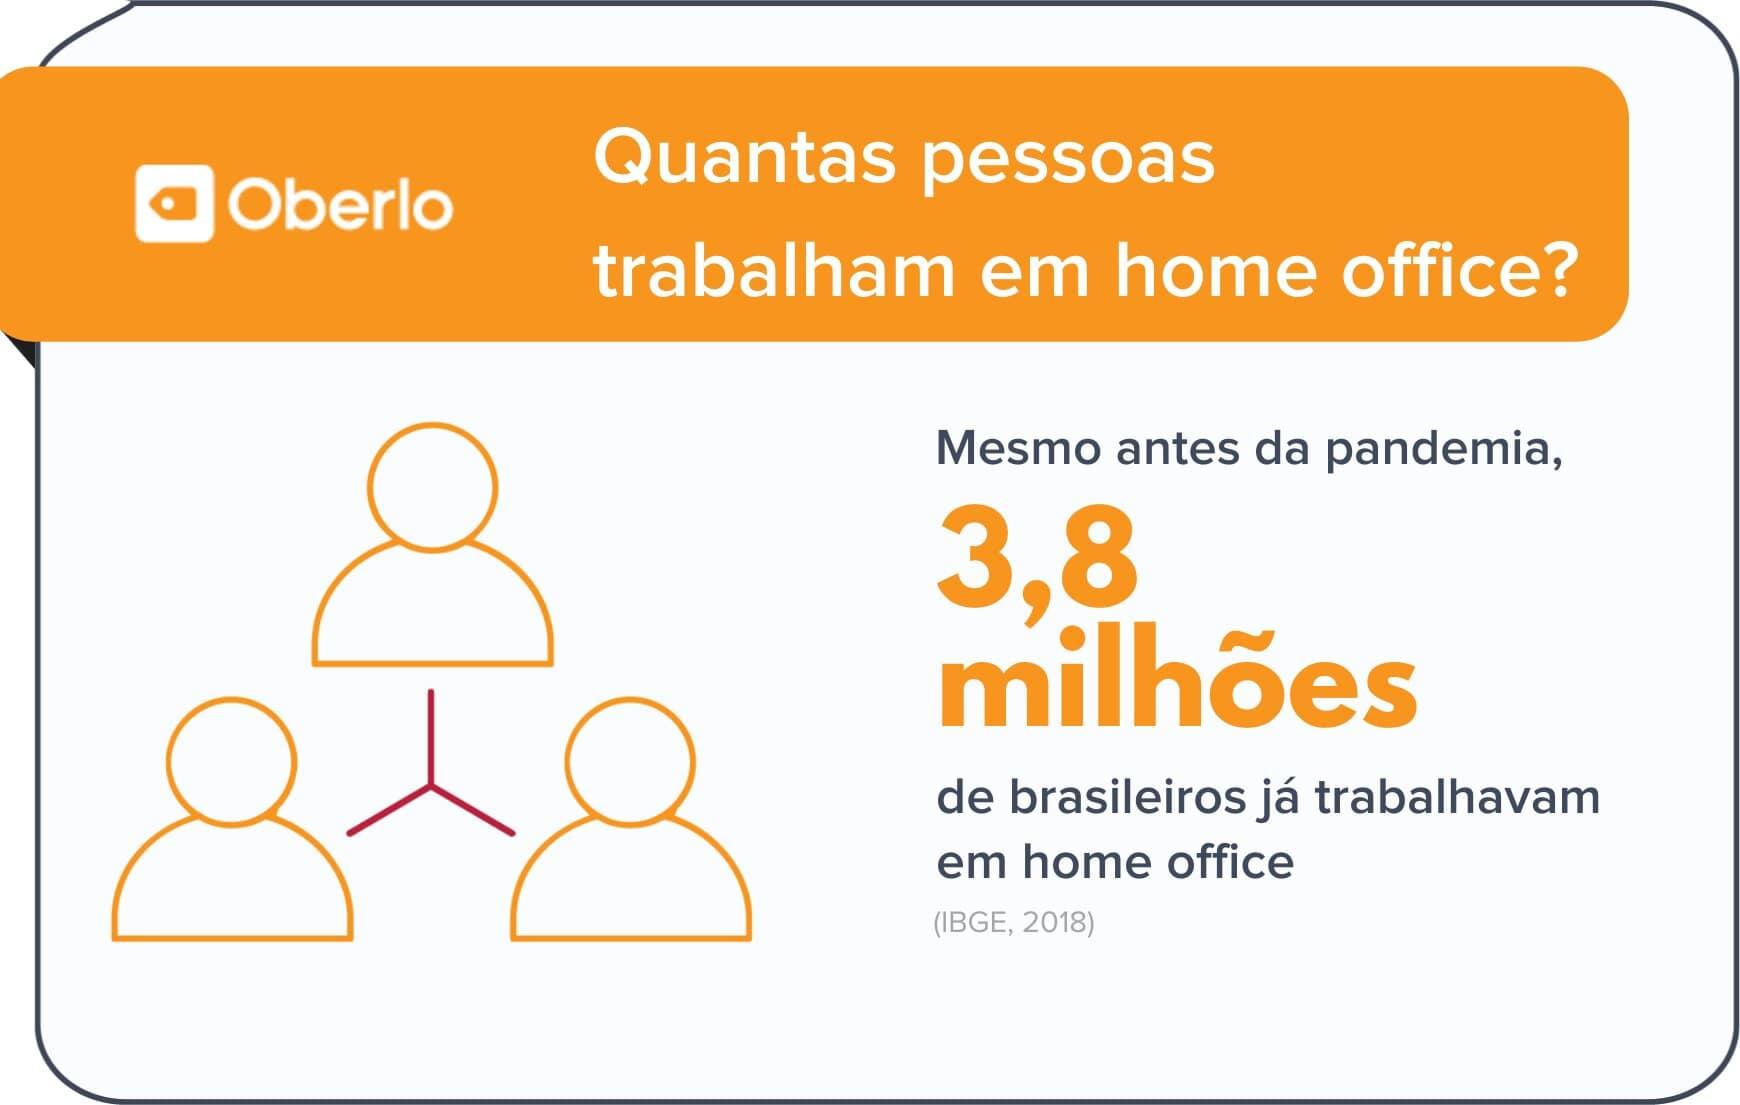 Brasileiros que trabalham em home office